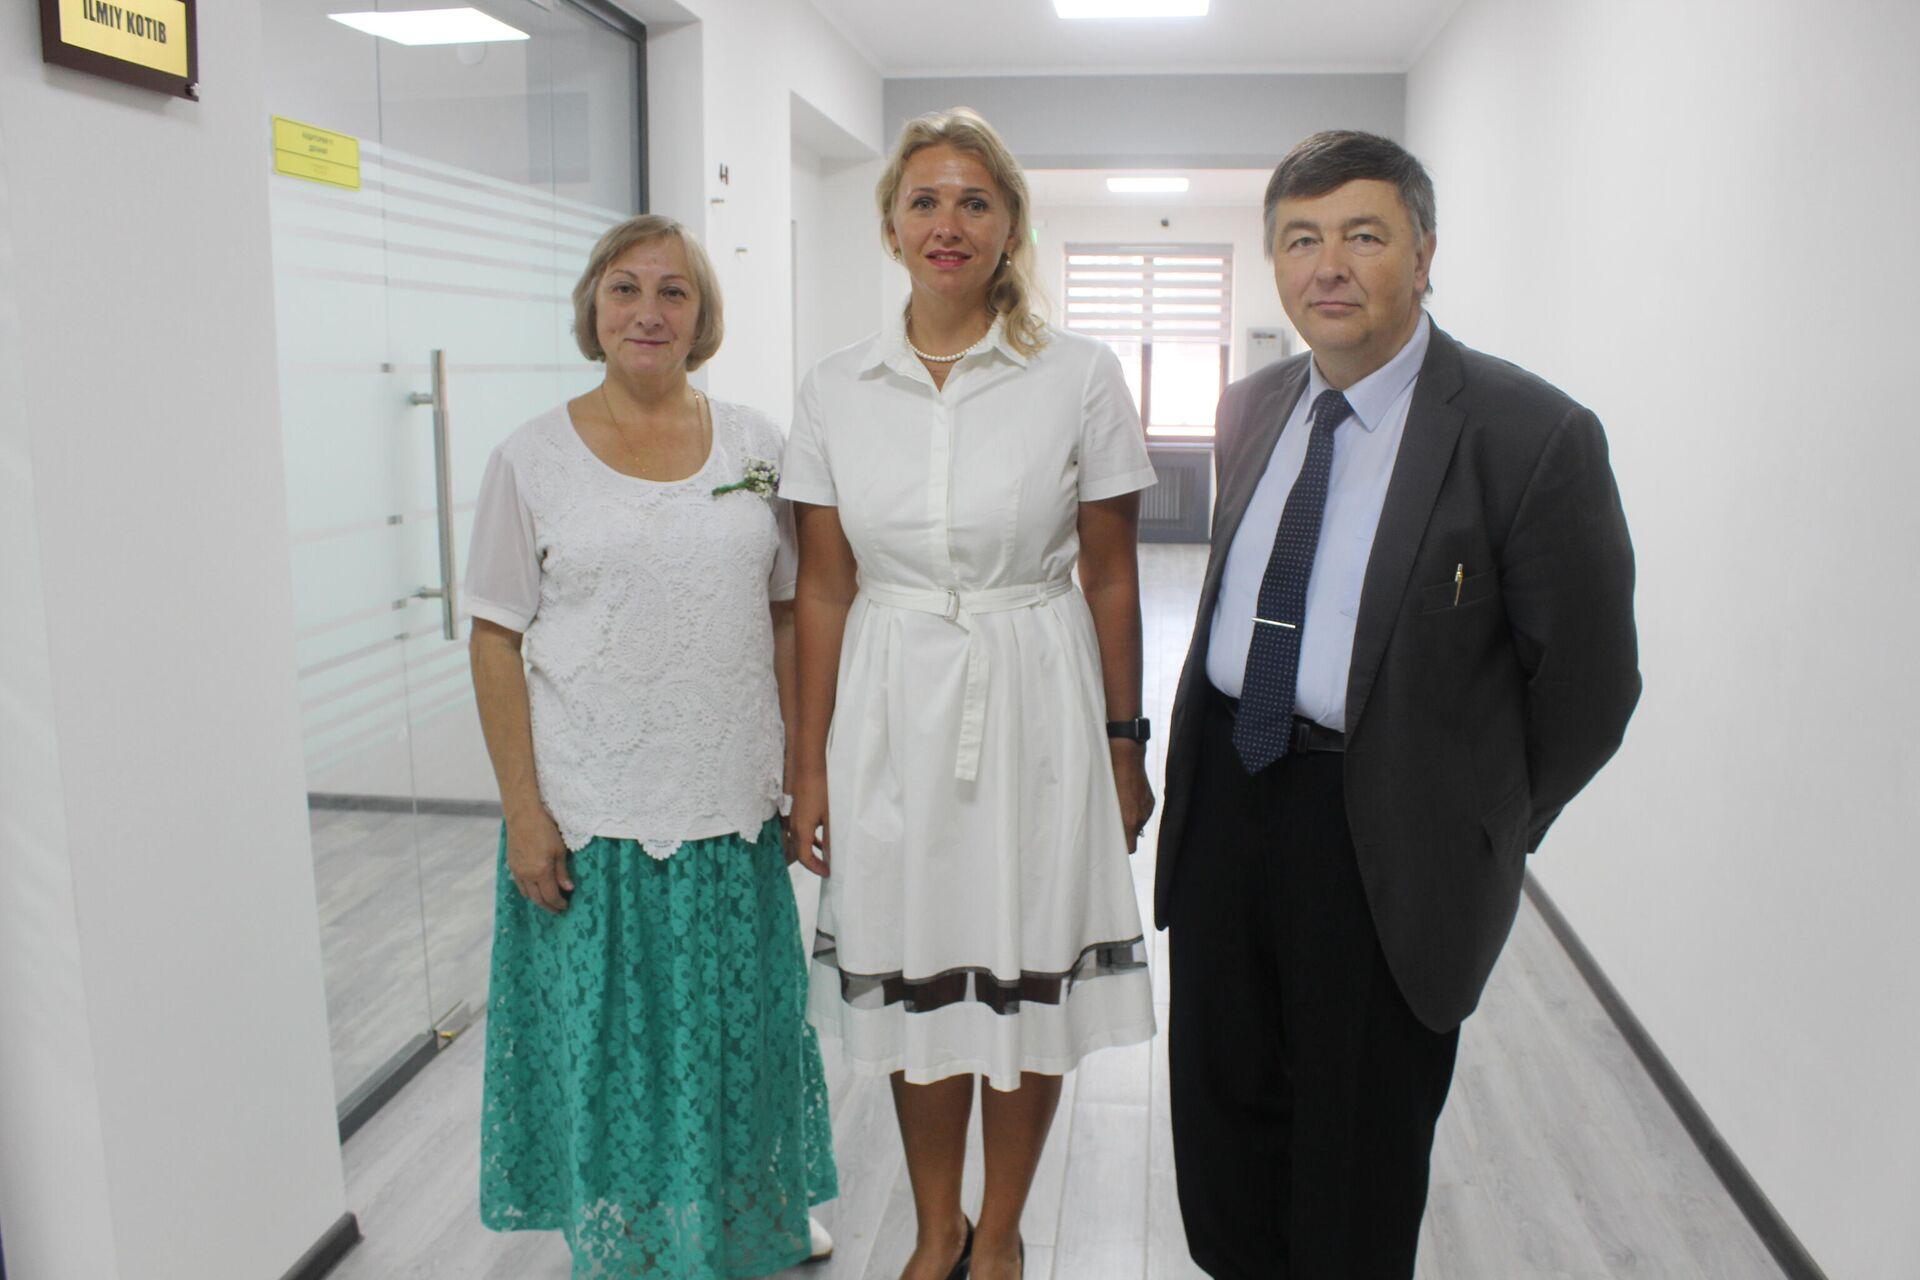 Otkrыtiye filiala RGPU im. Gertsena v Tashkente  - Sputnik Oʻzbekiston, 1920, 07.09.2021